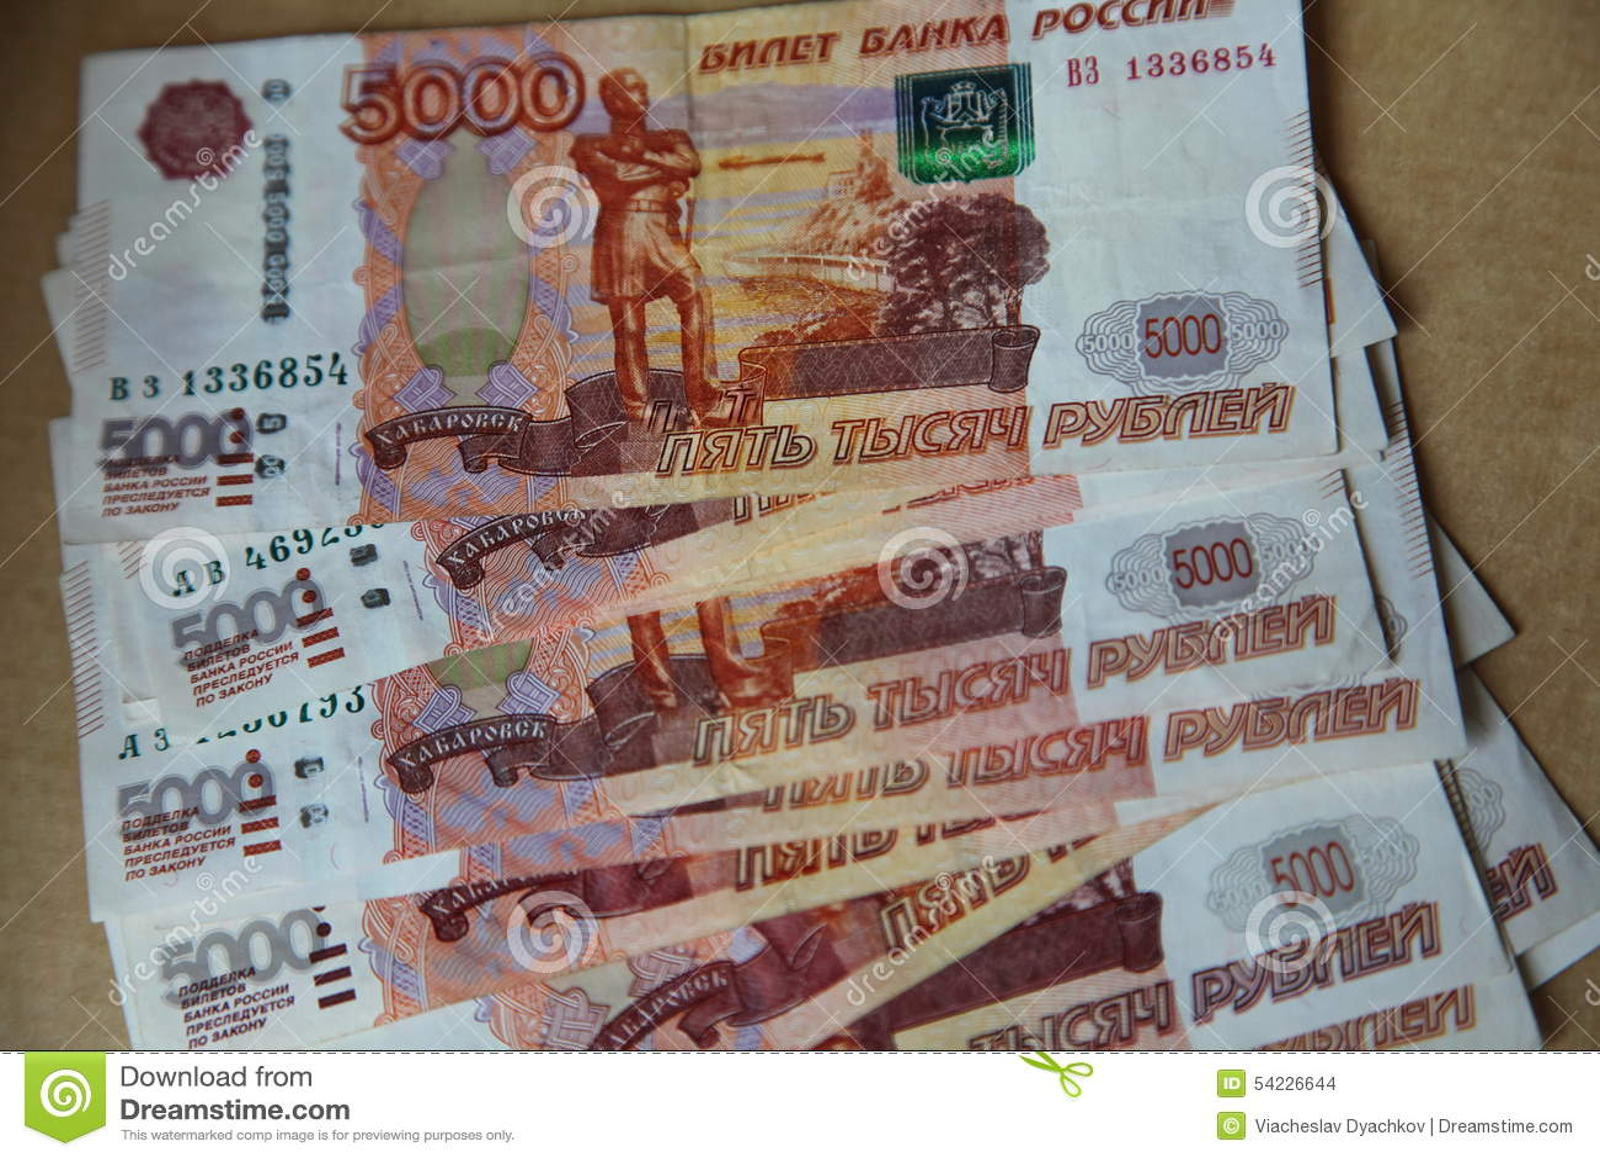 图片延长象俄罗斯联邦的央行的爱好者钞票与5一千卢布面值的